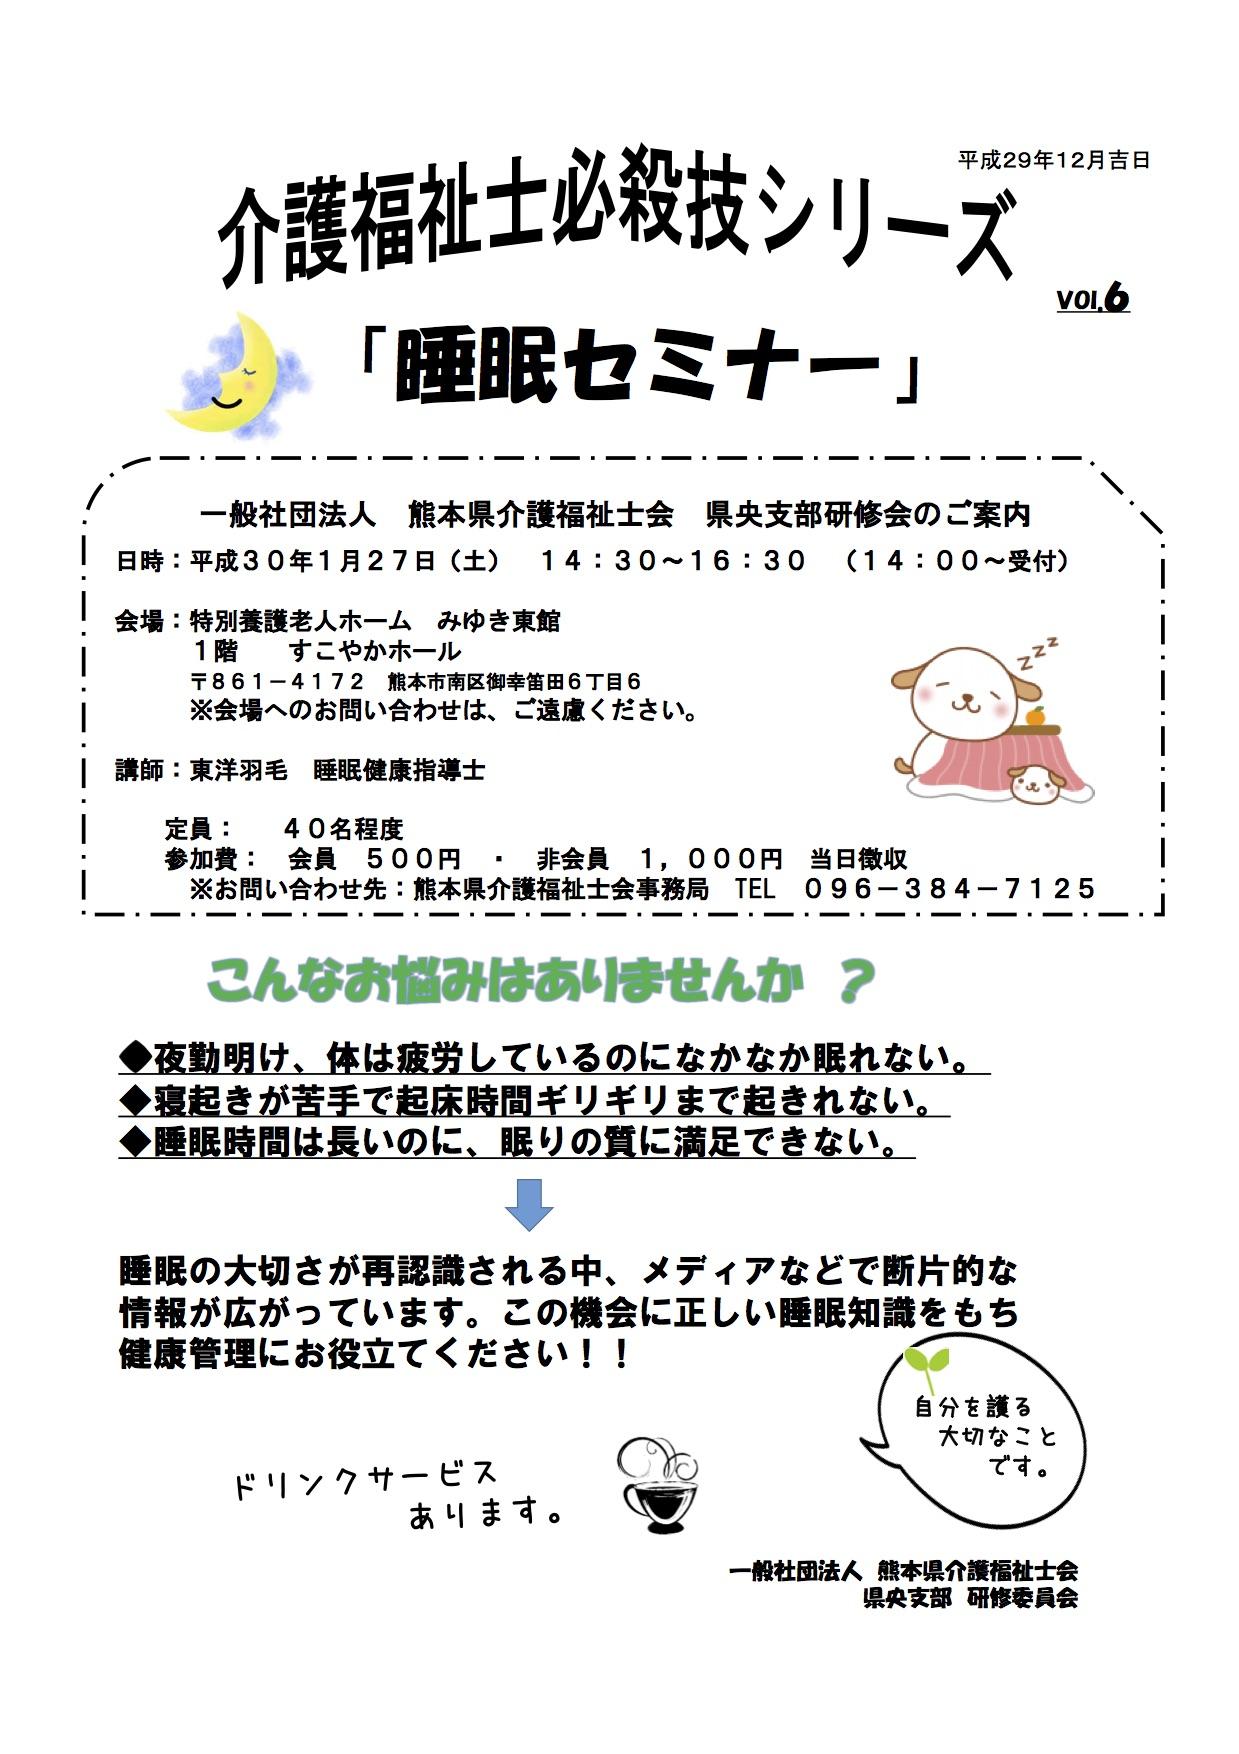 介護福祉士必殺技シリーズ「睡眠セミナー」